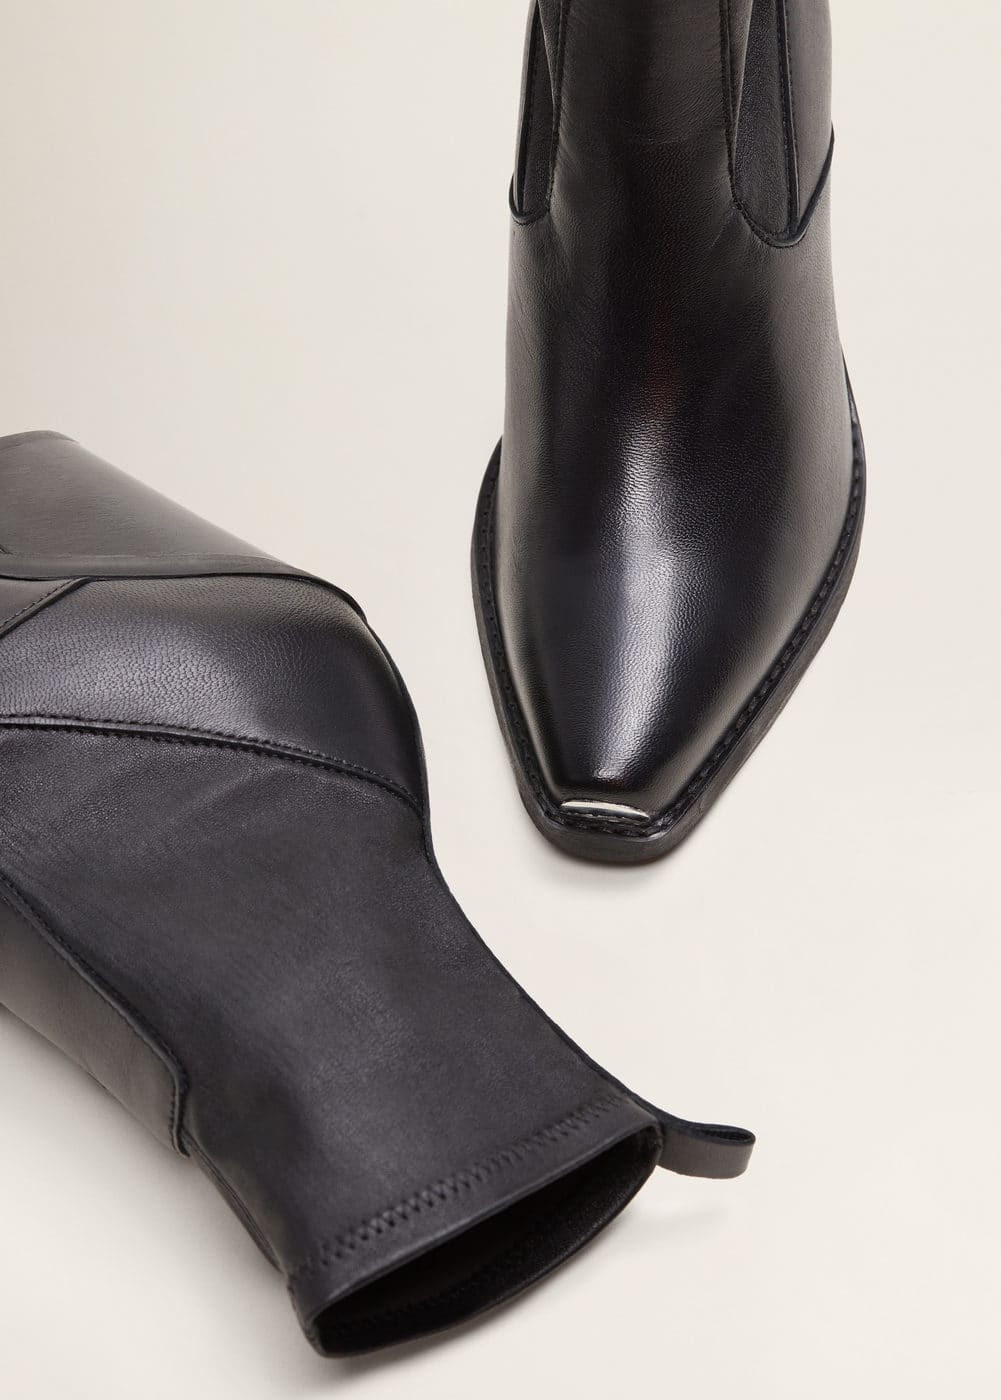 b7cb99d4c31 Leather cowboy ankle boots